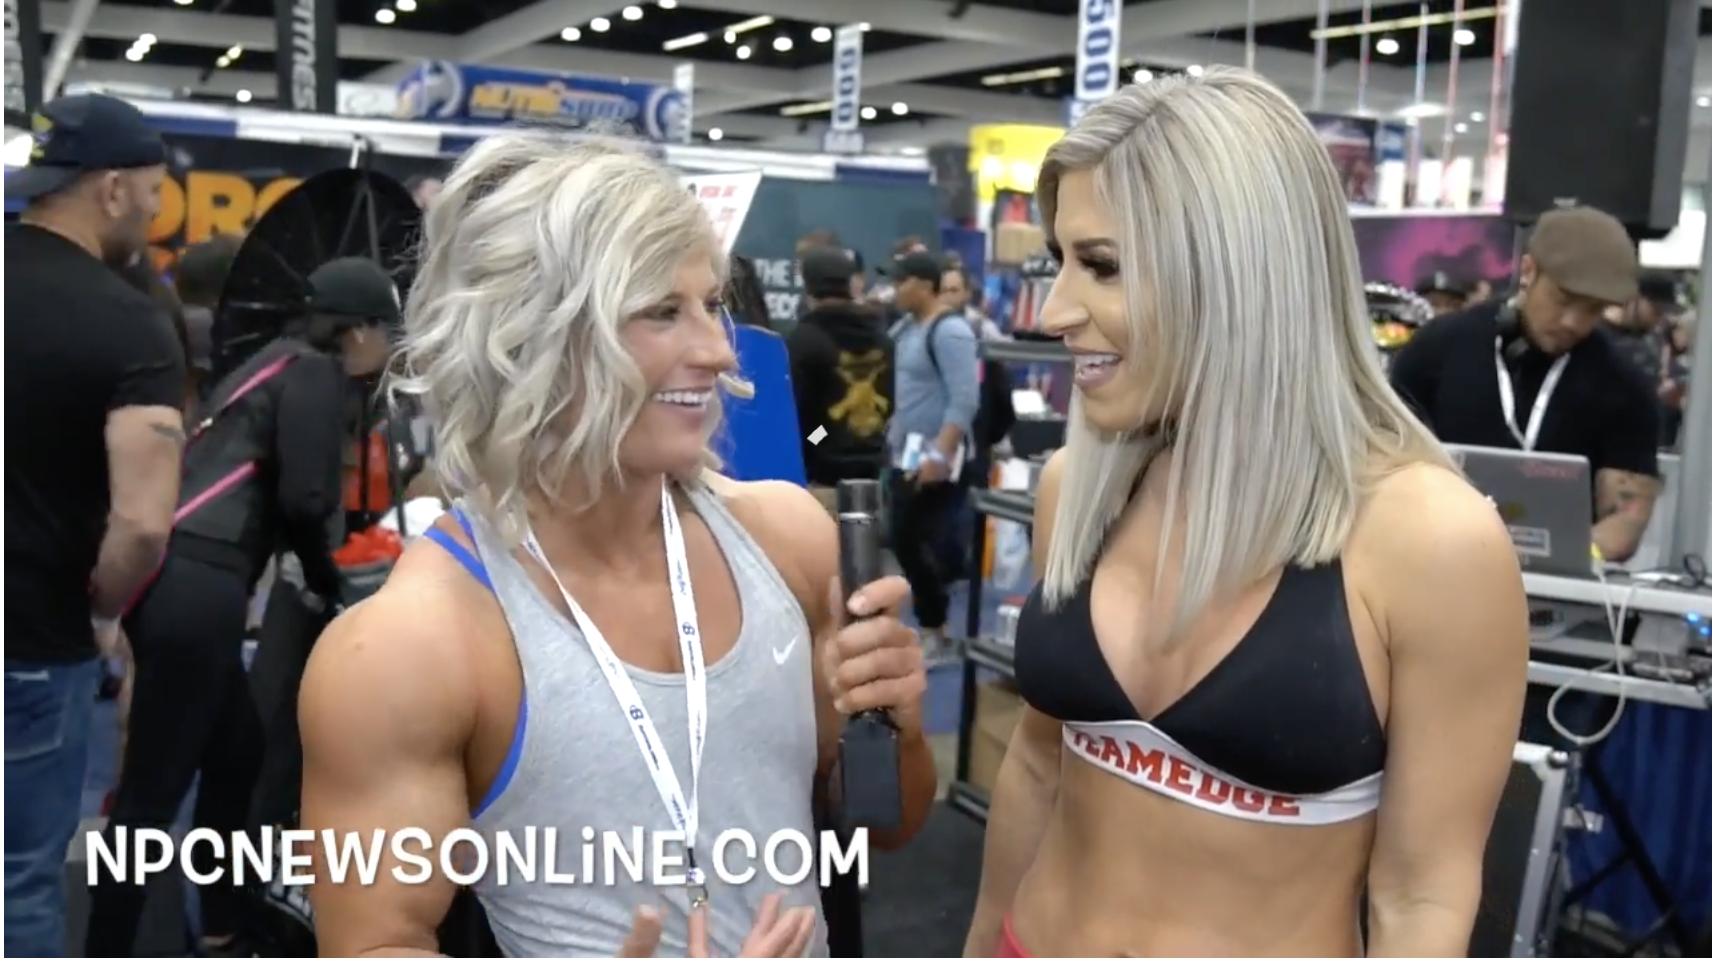 Bikini Pro Ingrid Romero interview AT 2018 LA Fit Expo By IFBB Women's Physique Pro Brooke Walker